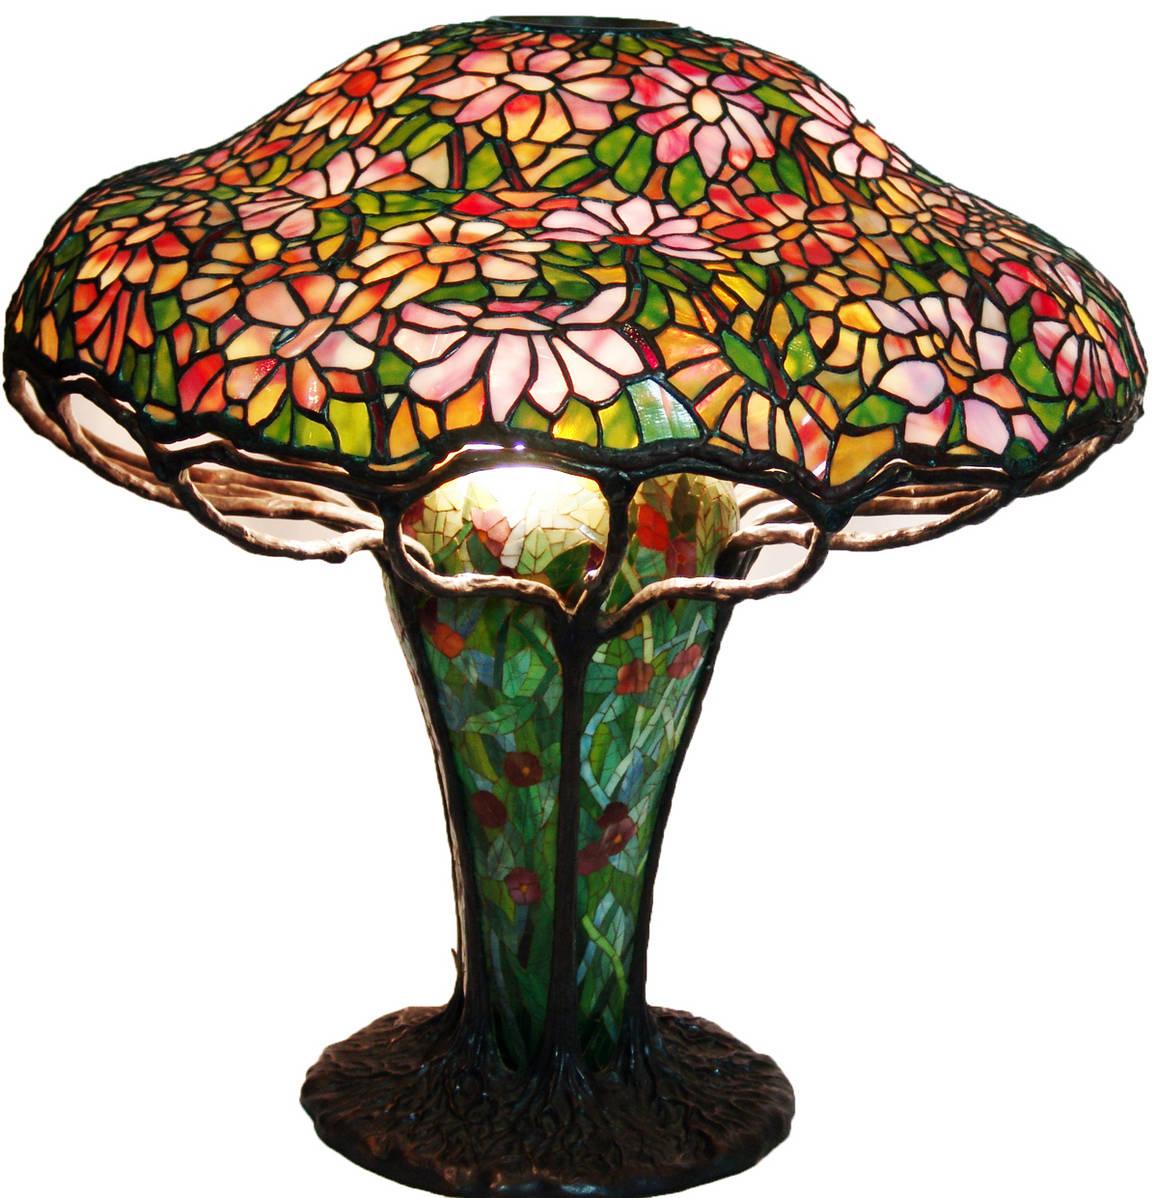 Настольная лампа в стиле модерн в витражной технике